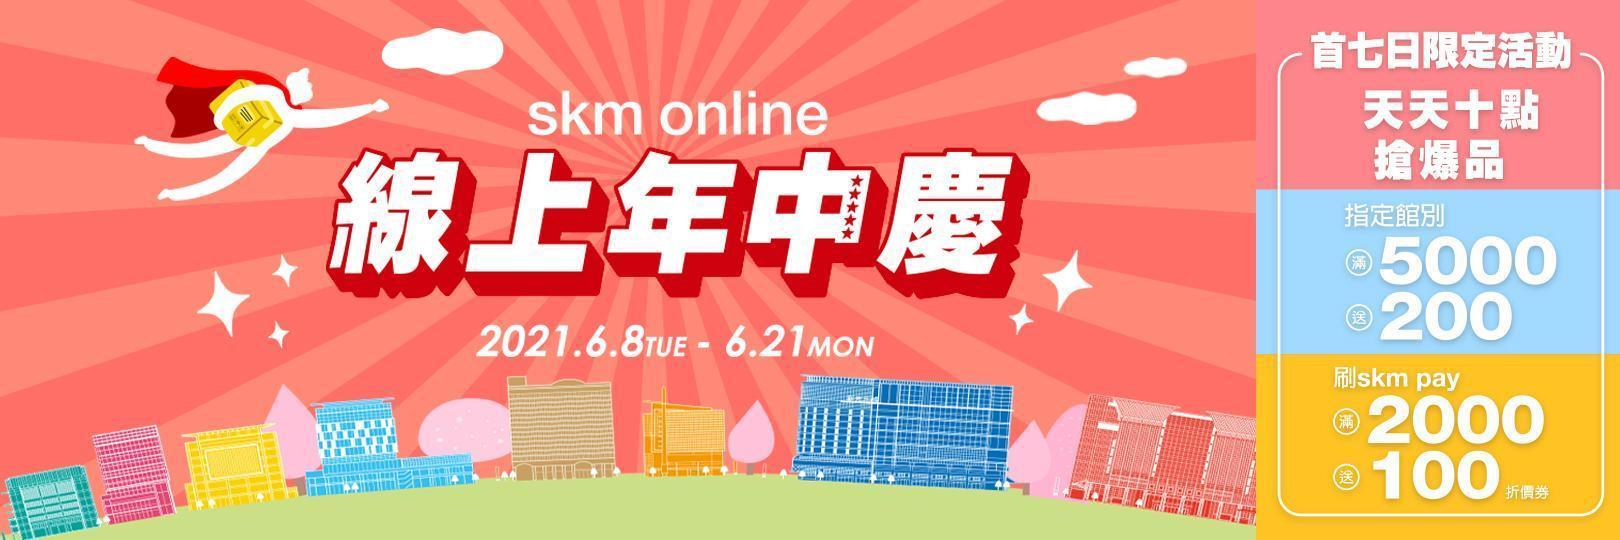 新光三越線上購物skm online